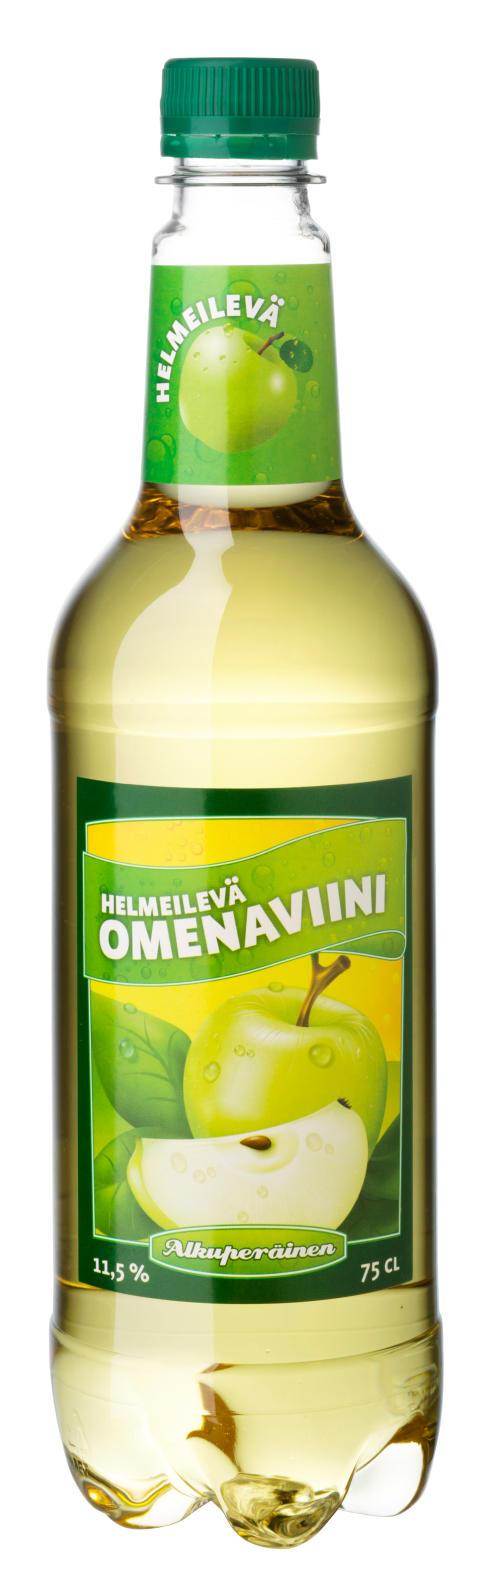 Marlin Helmeilevä Omenaviini